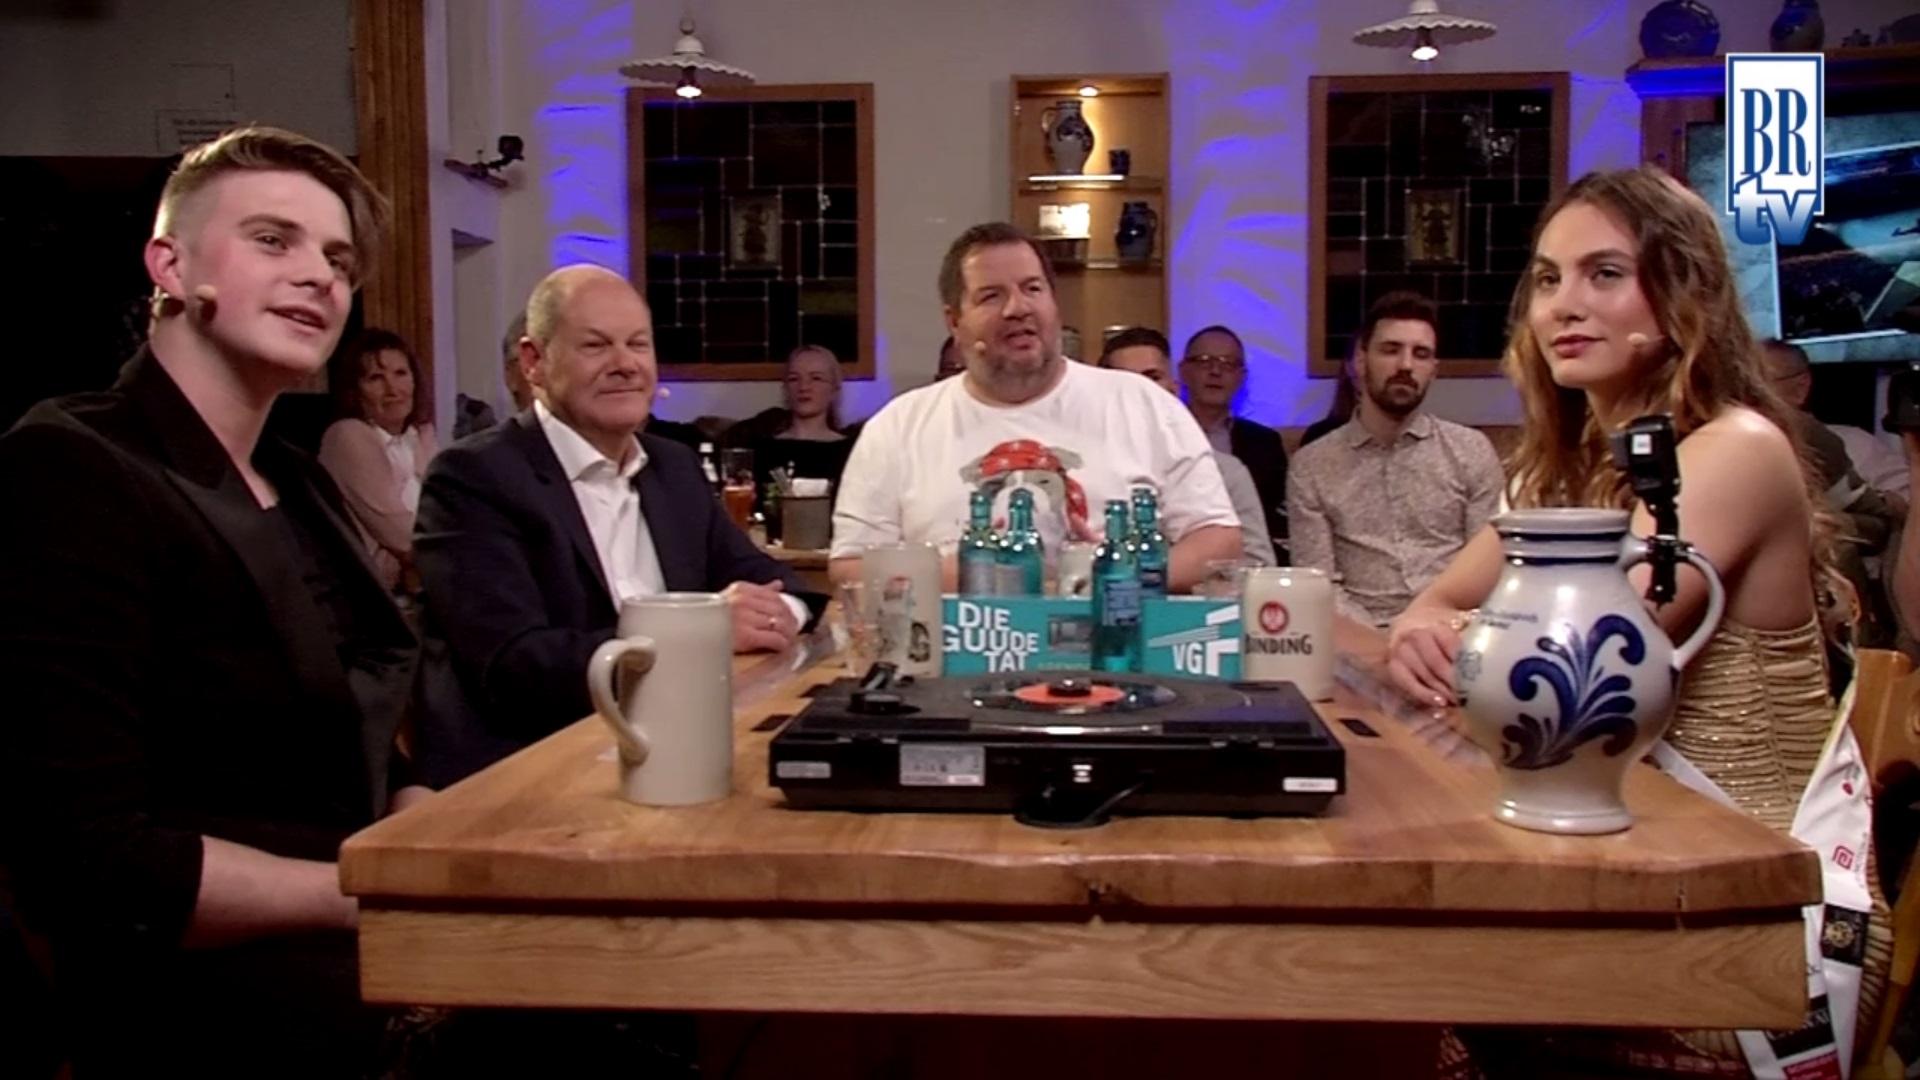 Bembel & Gebabbel – Folge 51 mit Olaf Scholz, Vincent Gross & Susanne Seelb